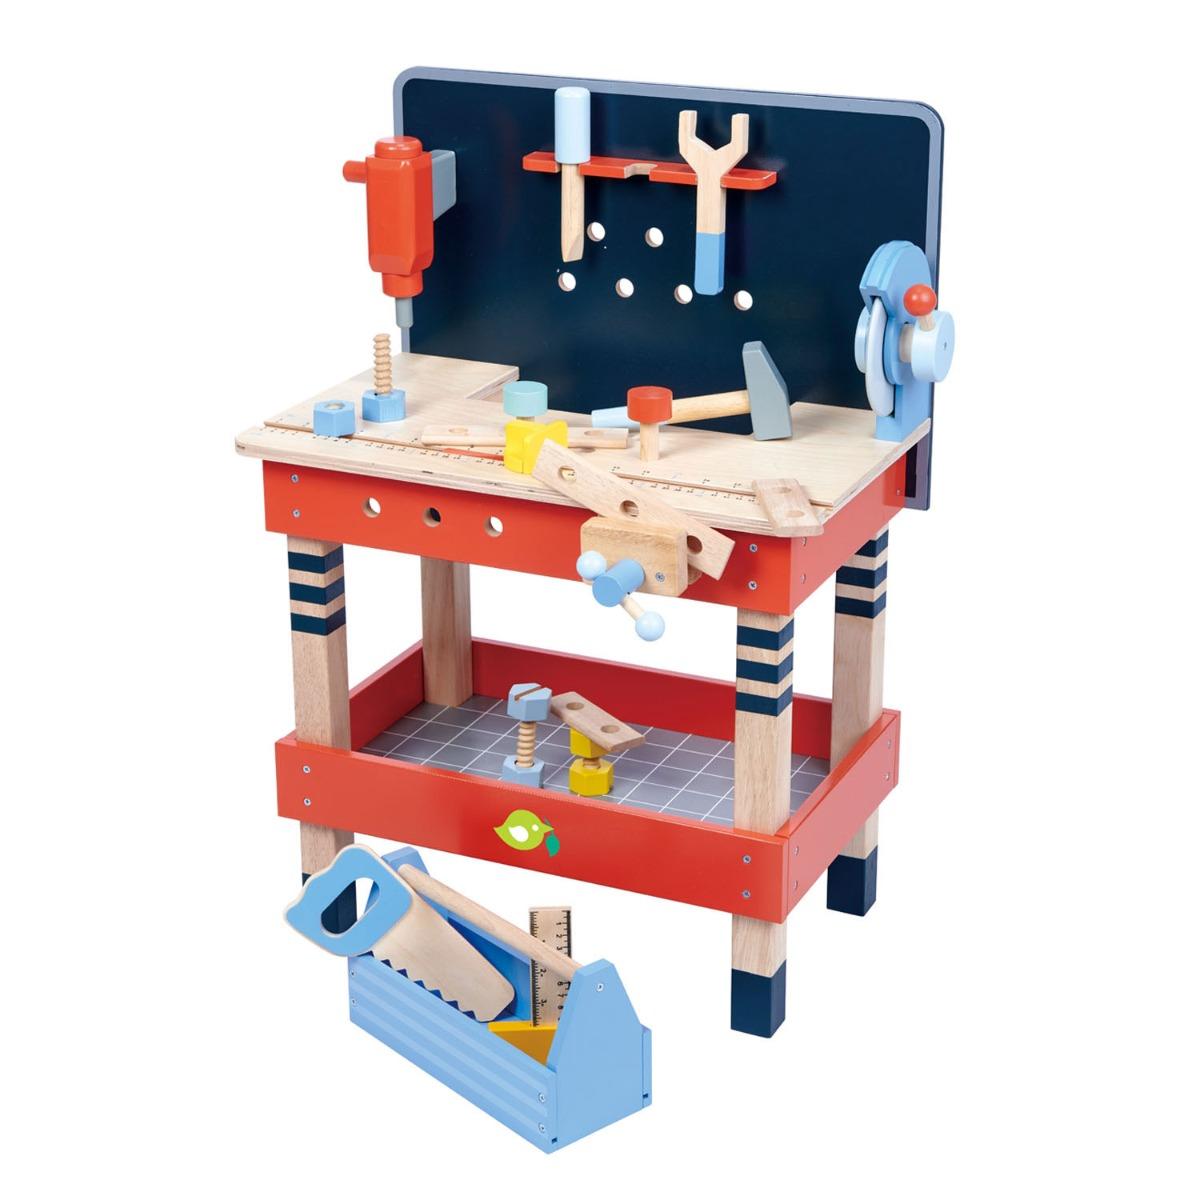 Set de joaca din lemn, Atelier de lucru, Tender Leaf Toys, 19 piese imagine